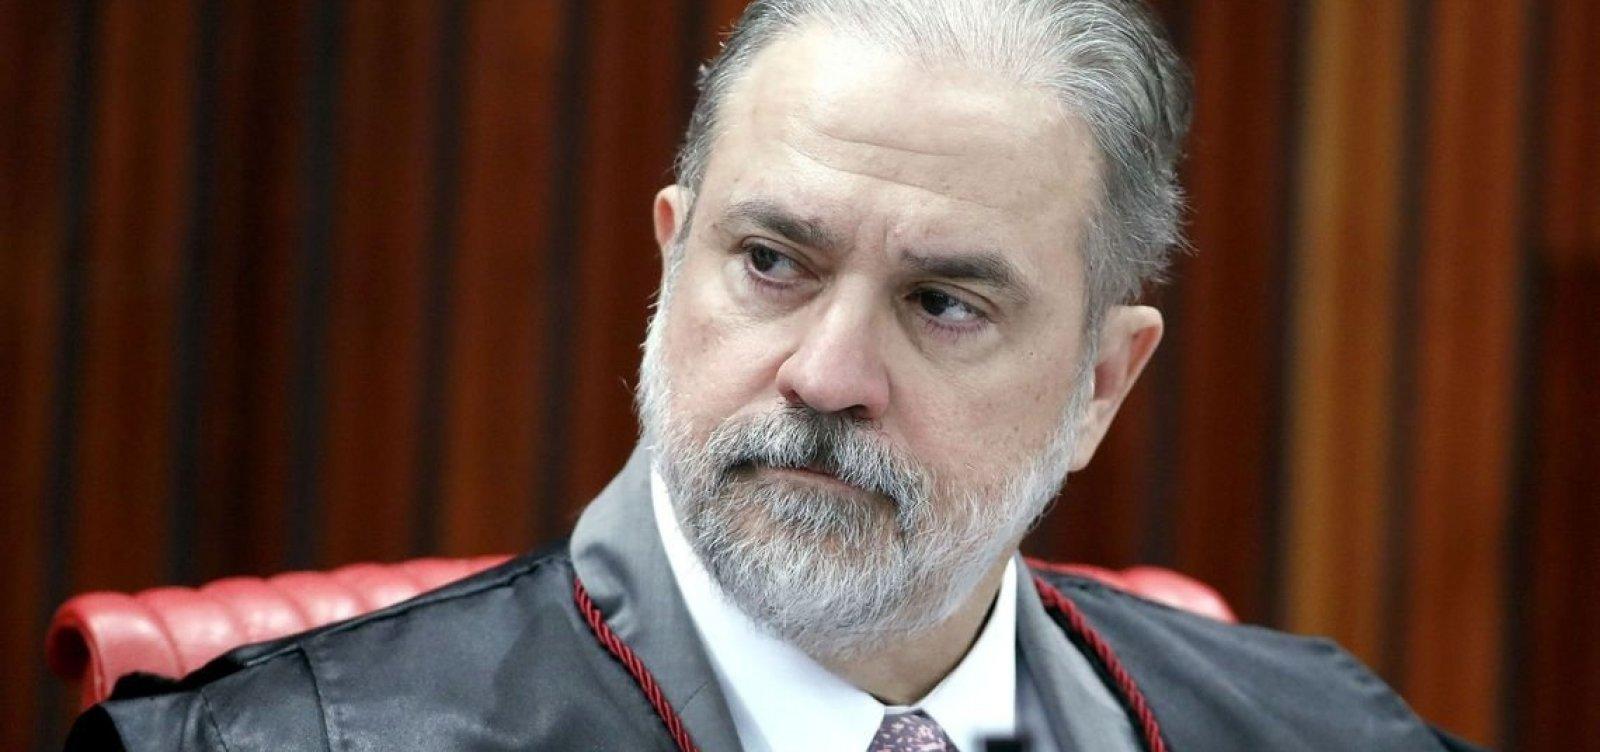 Augusto Aras denunciou presidente do TJ-BA e major por estelionato e extorsão